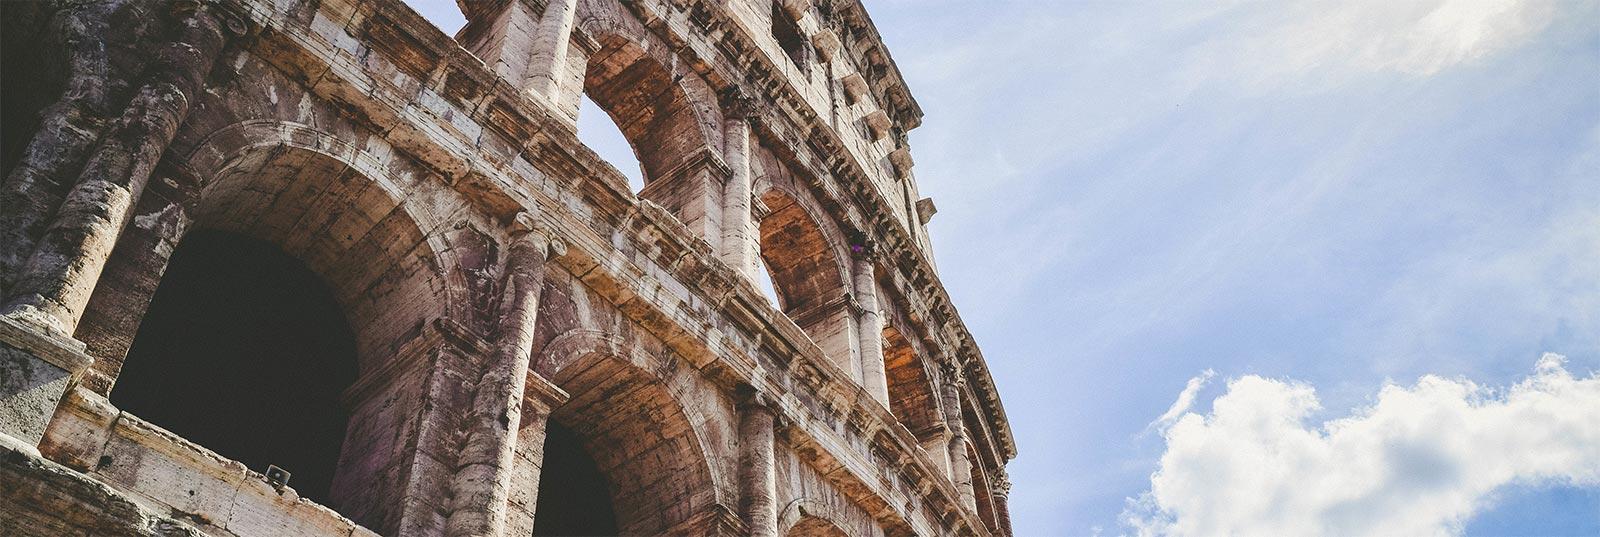 Guía turística de Roma